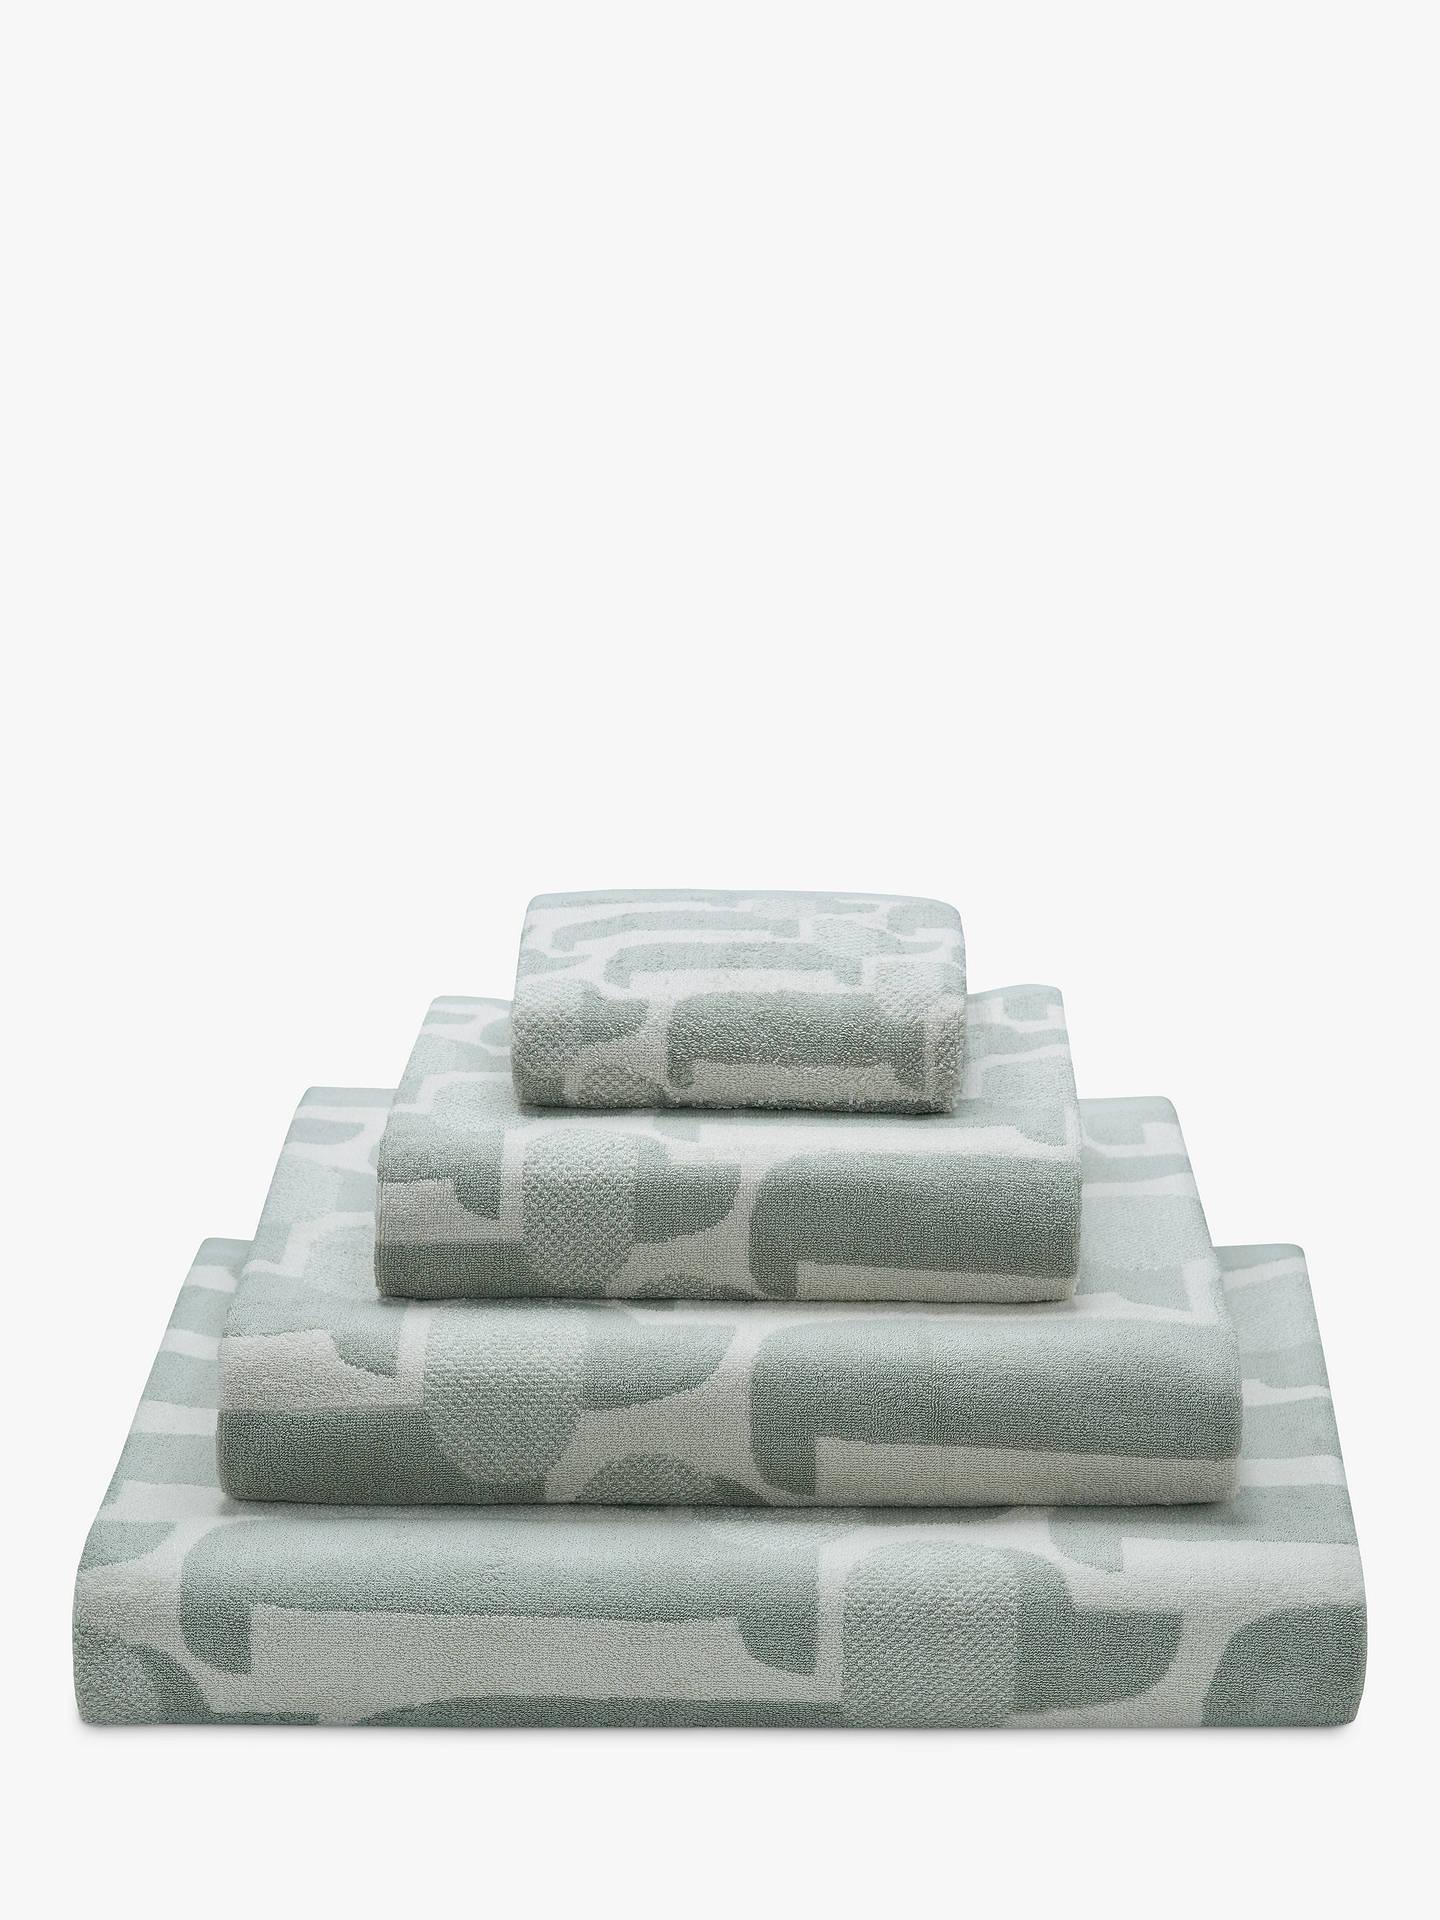 orla kiely dog show towels at john lewis partners. Black Bedroom Furniture Sets. Home Design Ideas